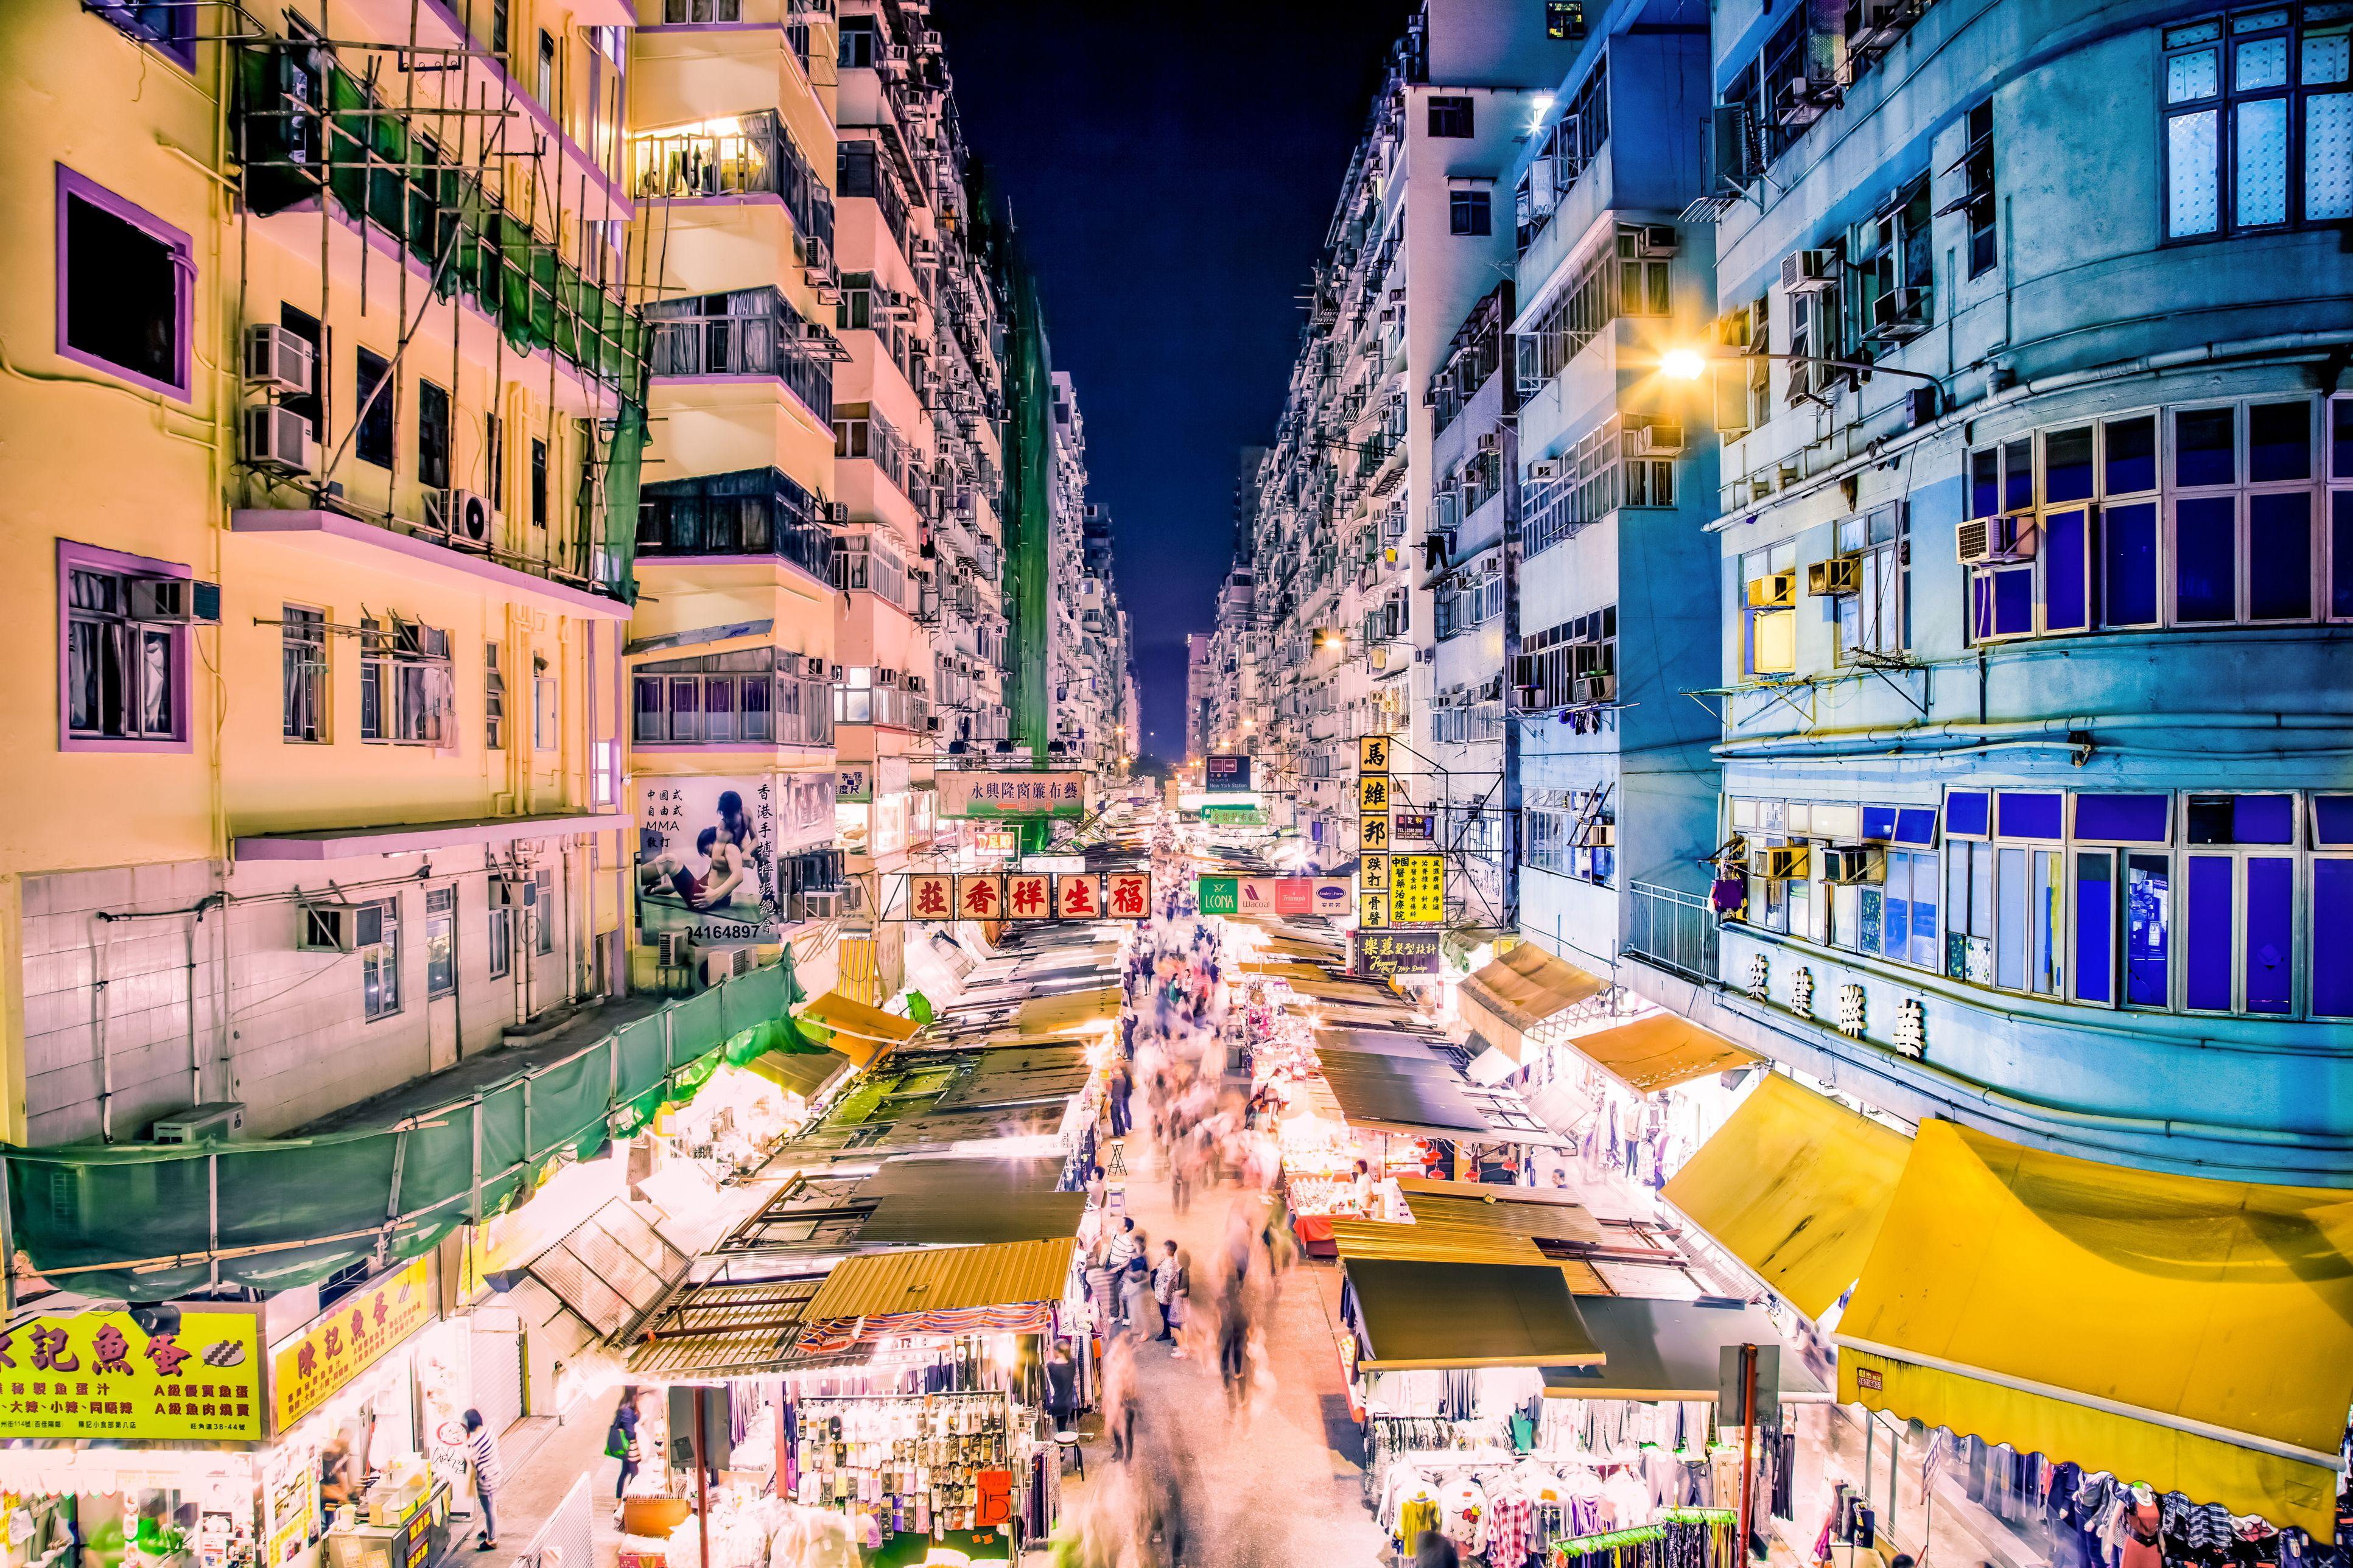 Kowloon Hong Kong - Must See Sights